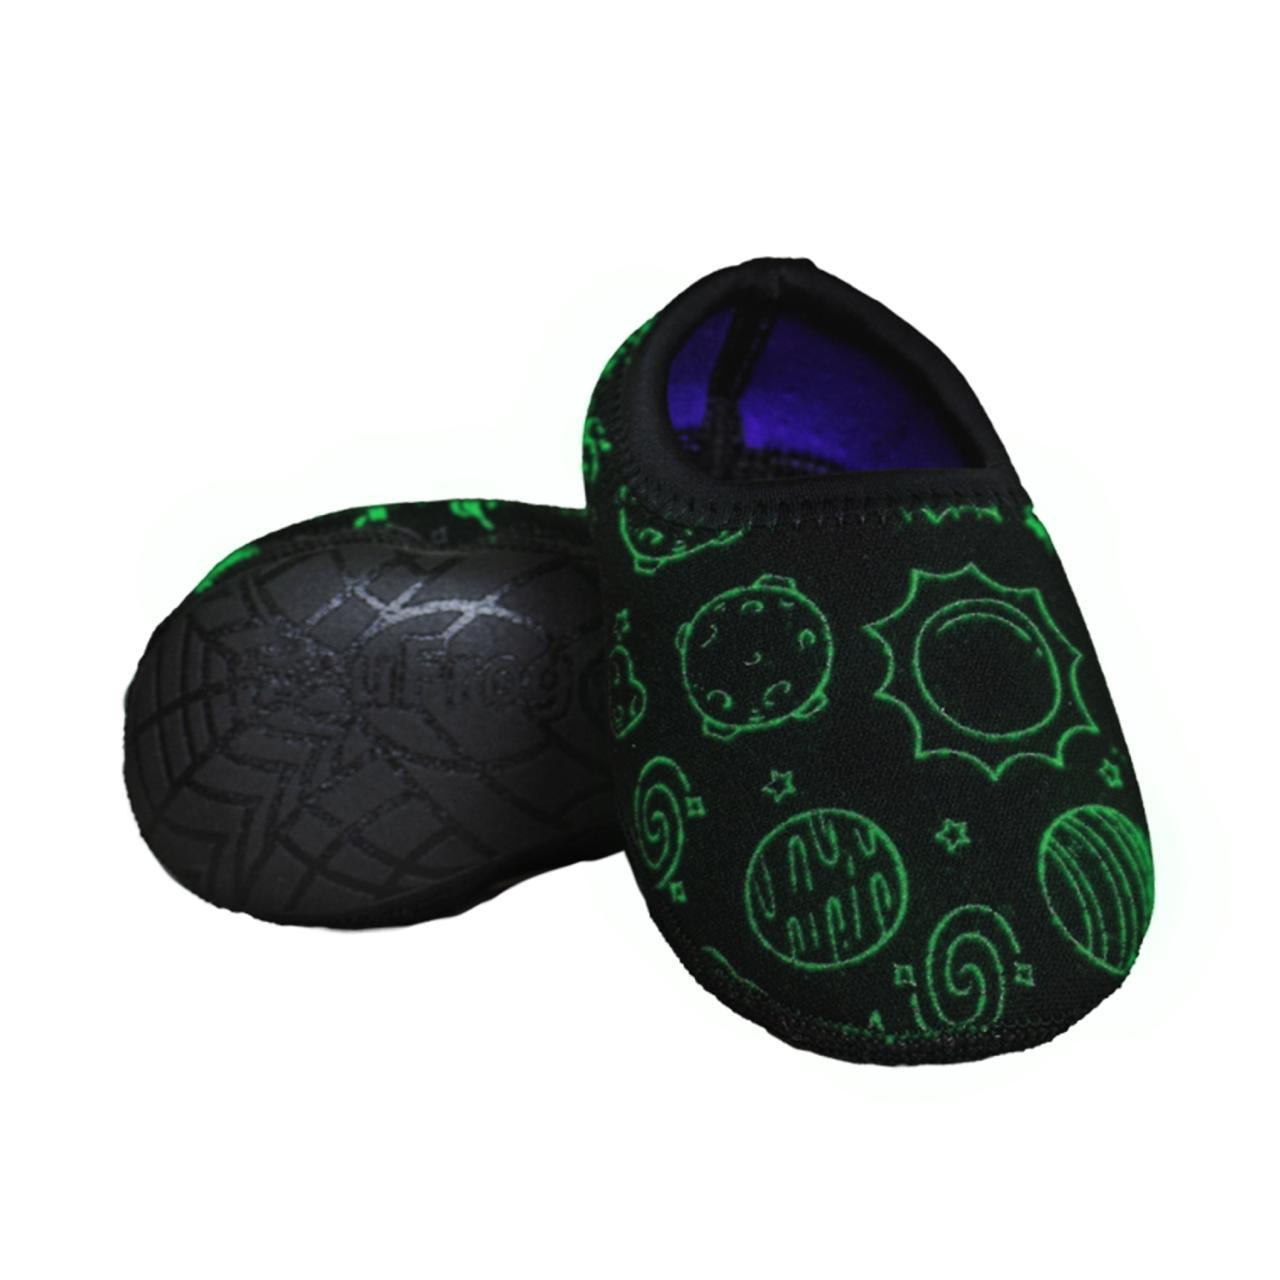 Ufrog Infantil Fit Brilha no Escuro